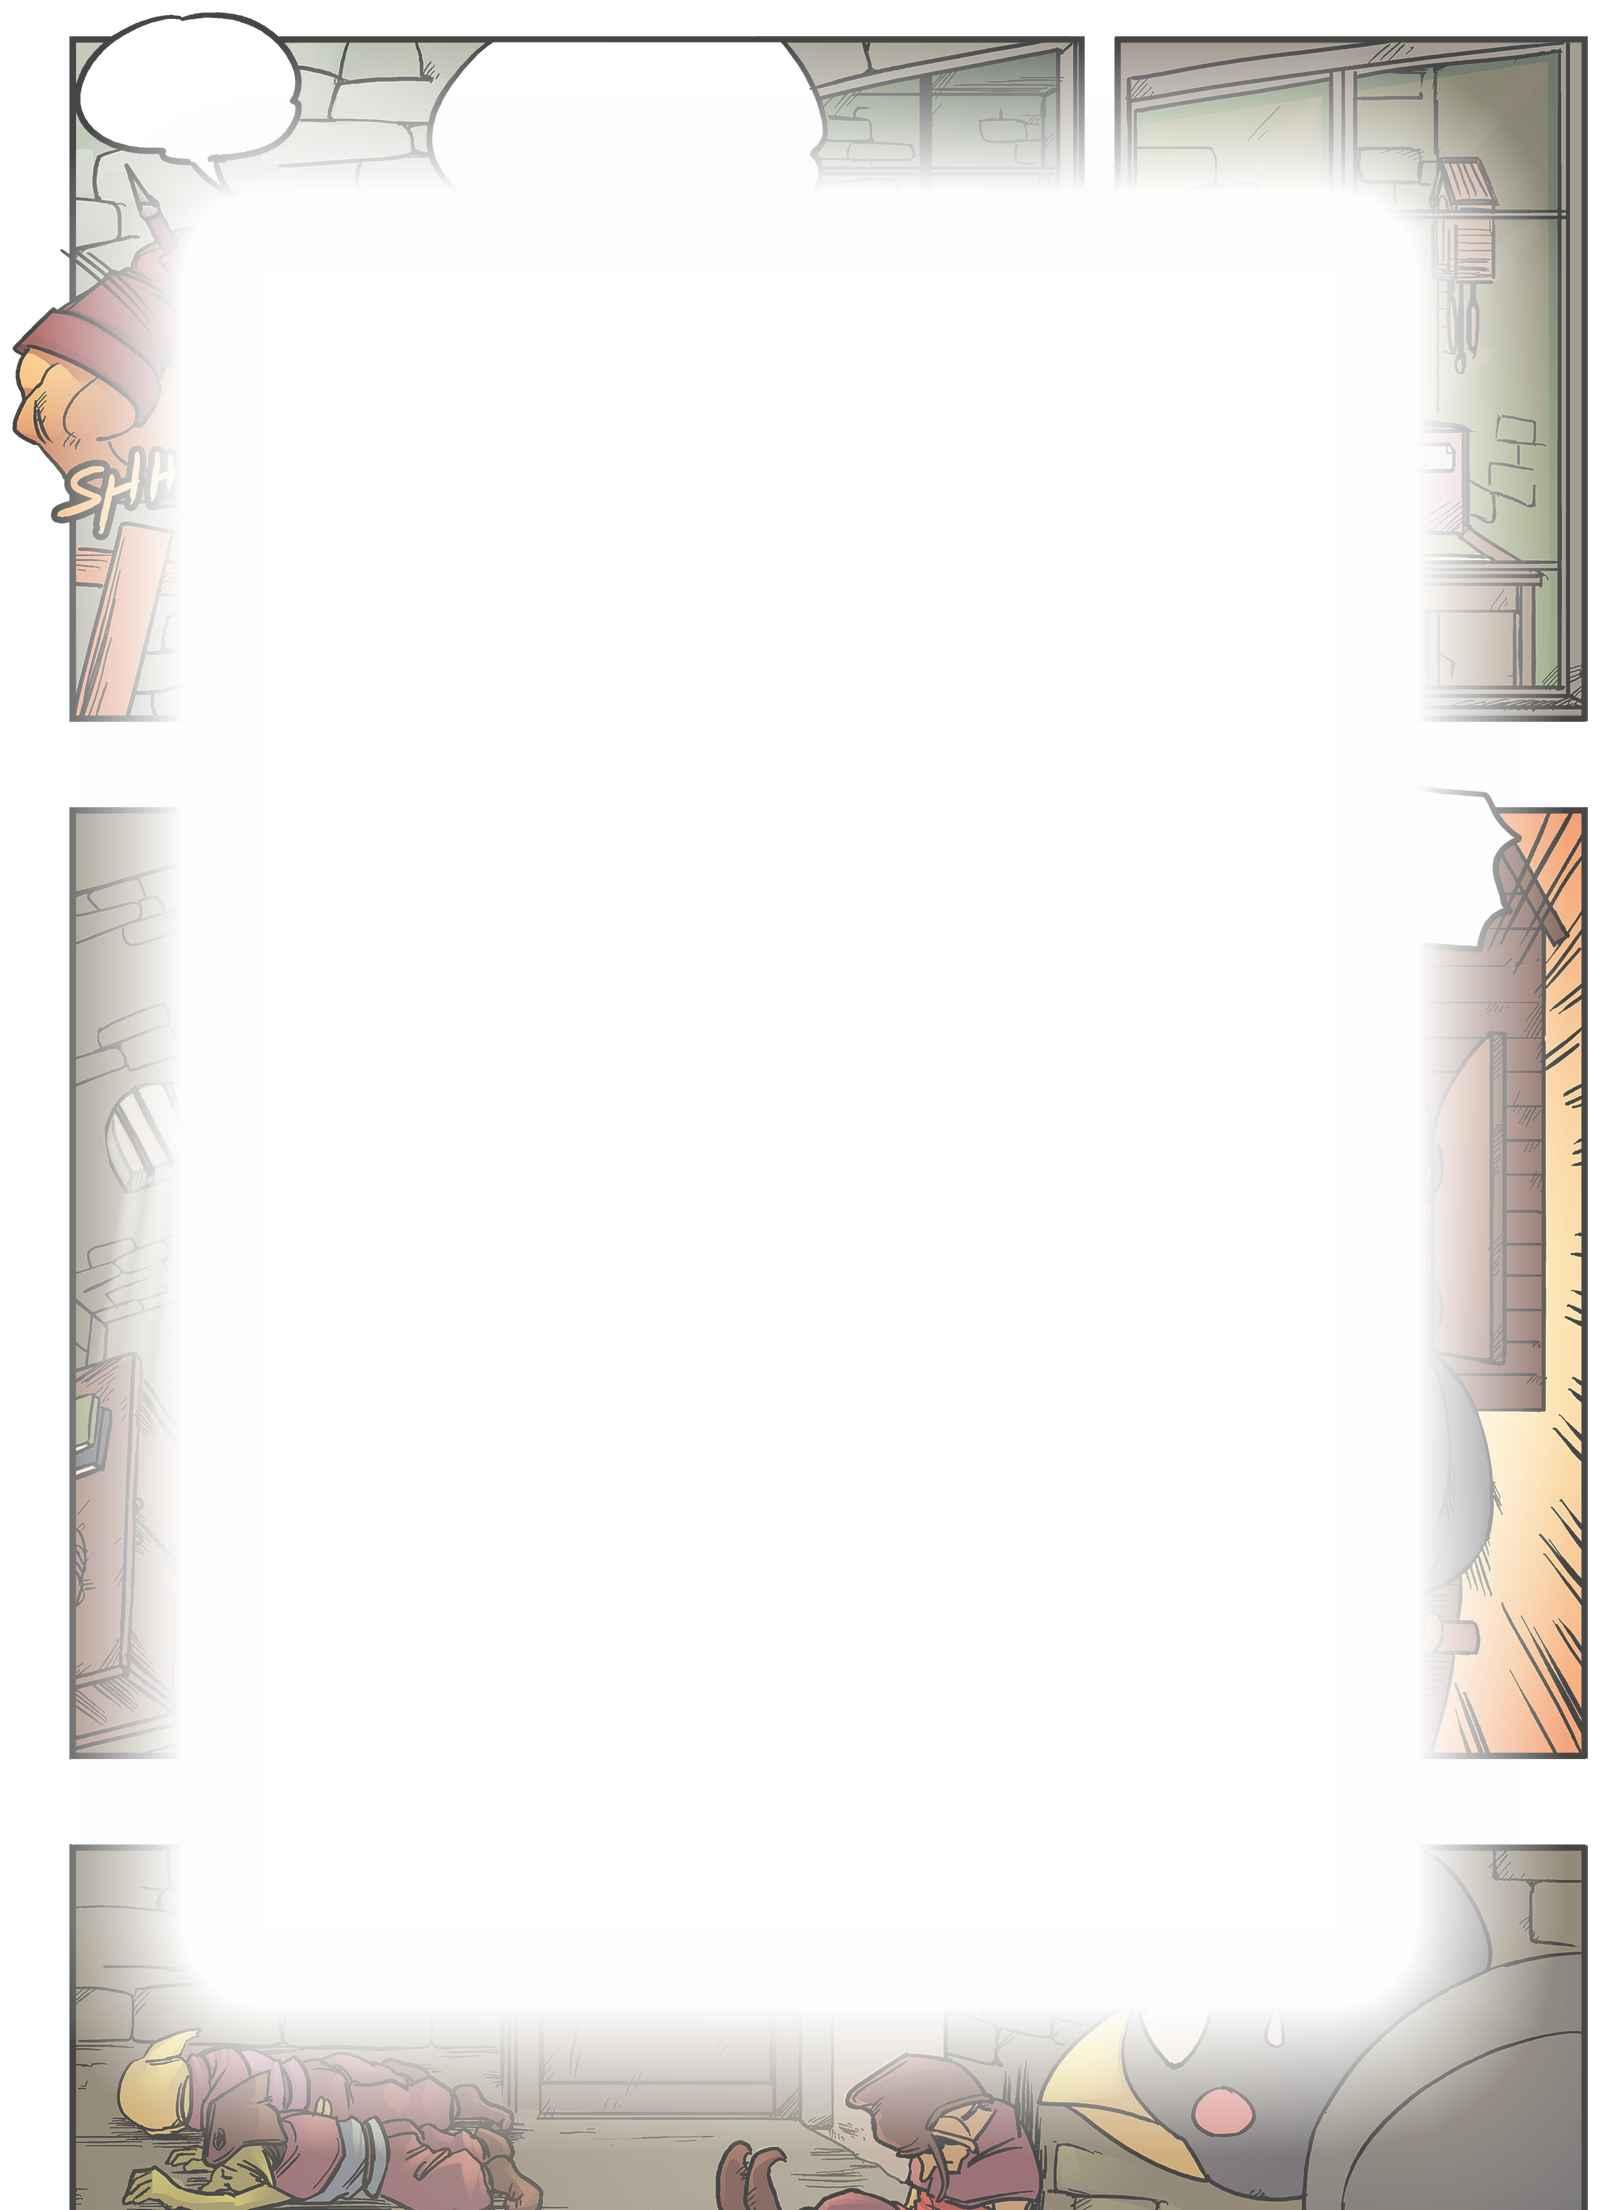 Hemisferios : Capítulo 11 página 14